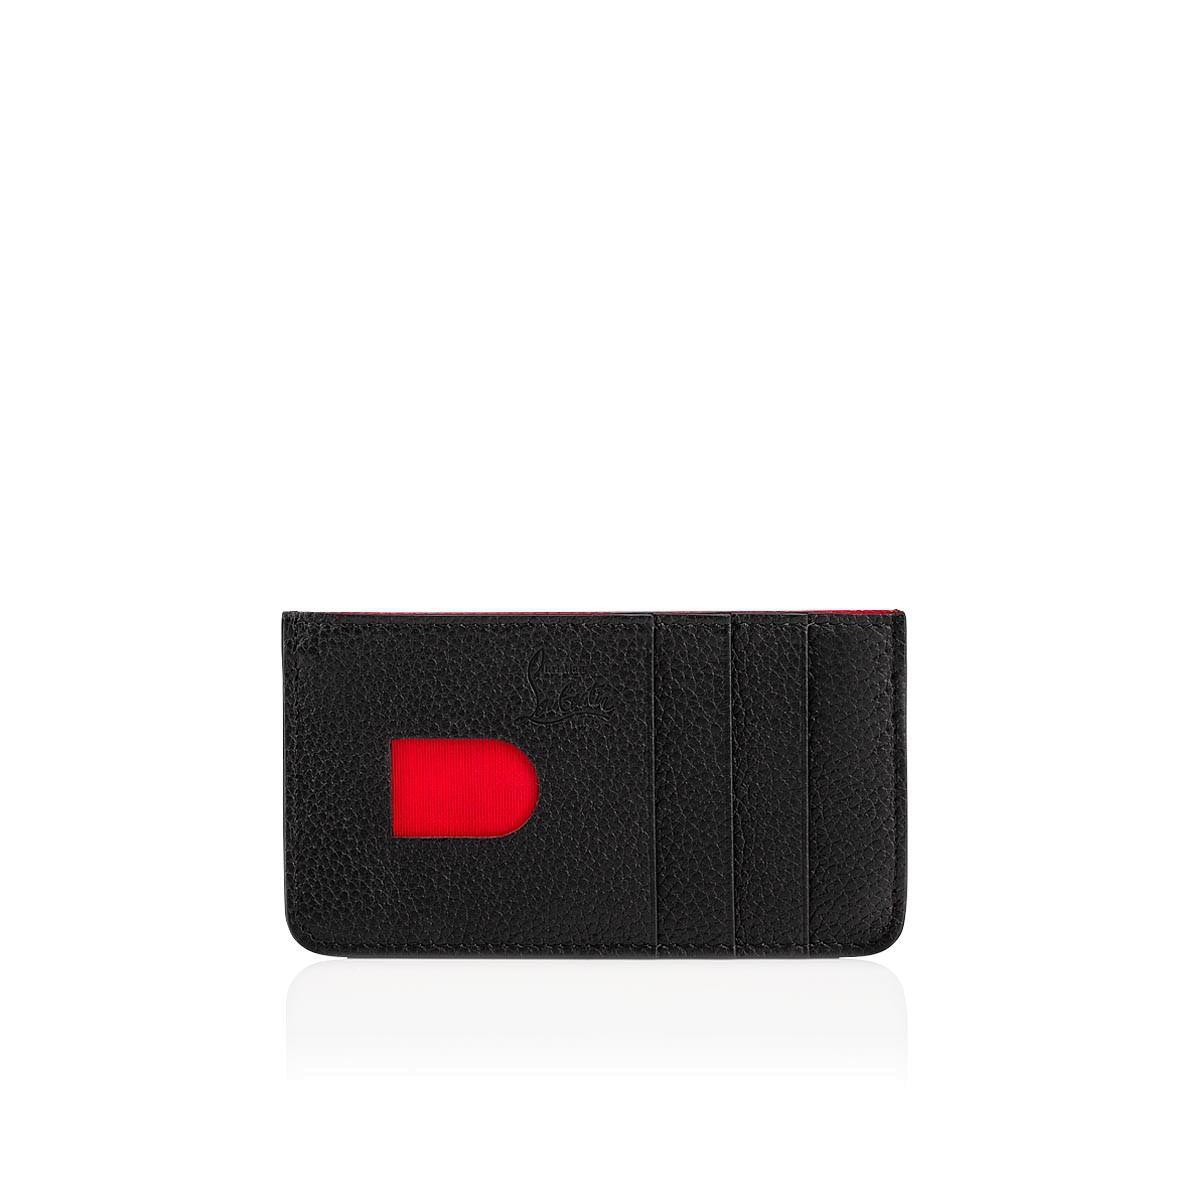 饰品 - Classic Leather - Christian Louboutin